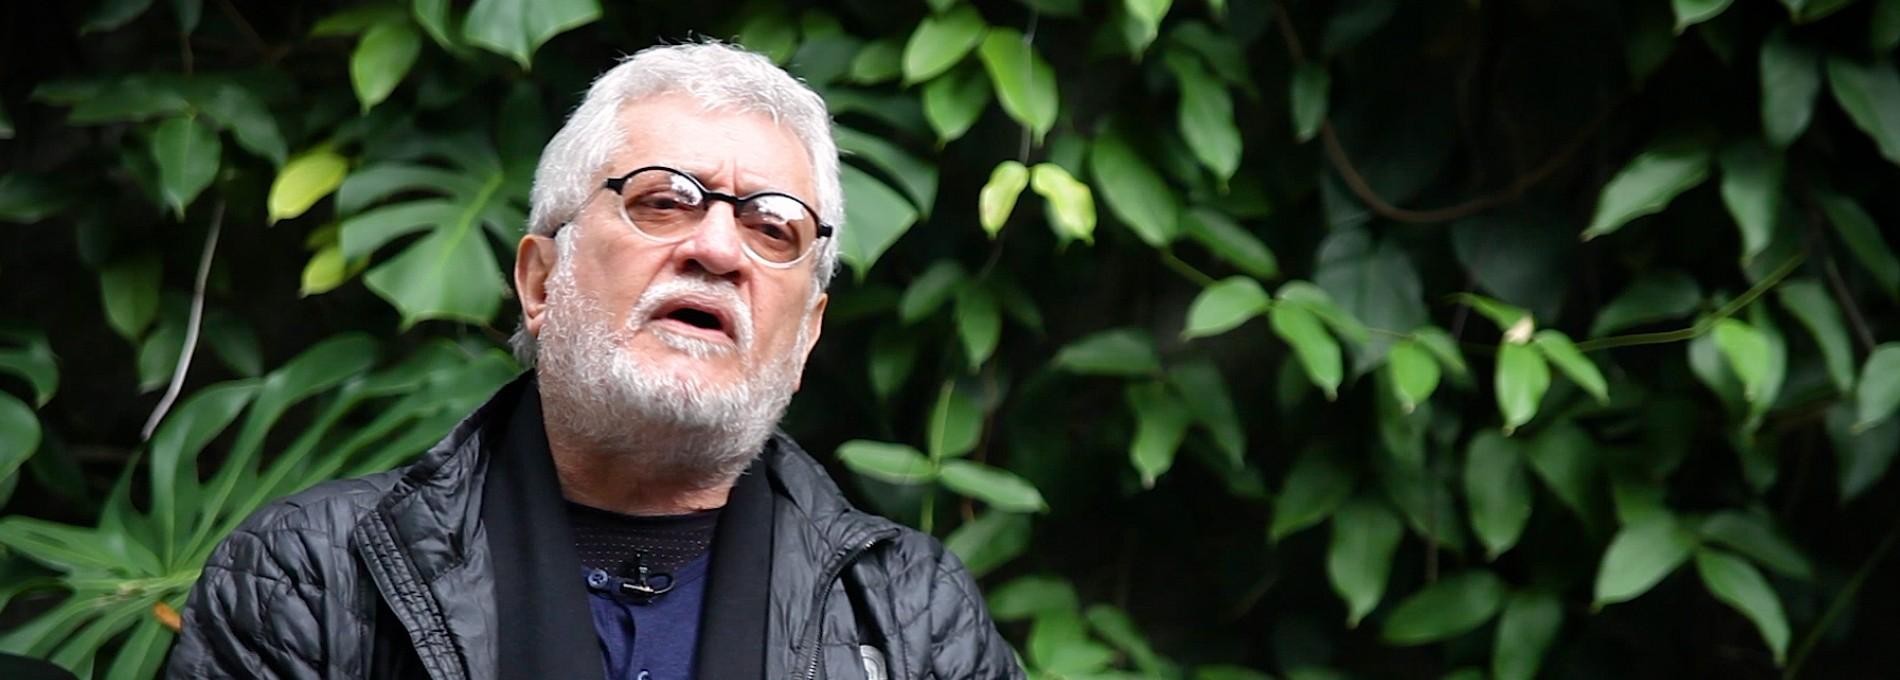 Walter Carvalho: O cinema é um truque